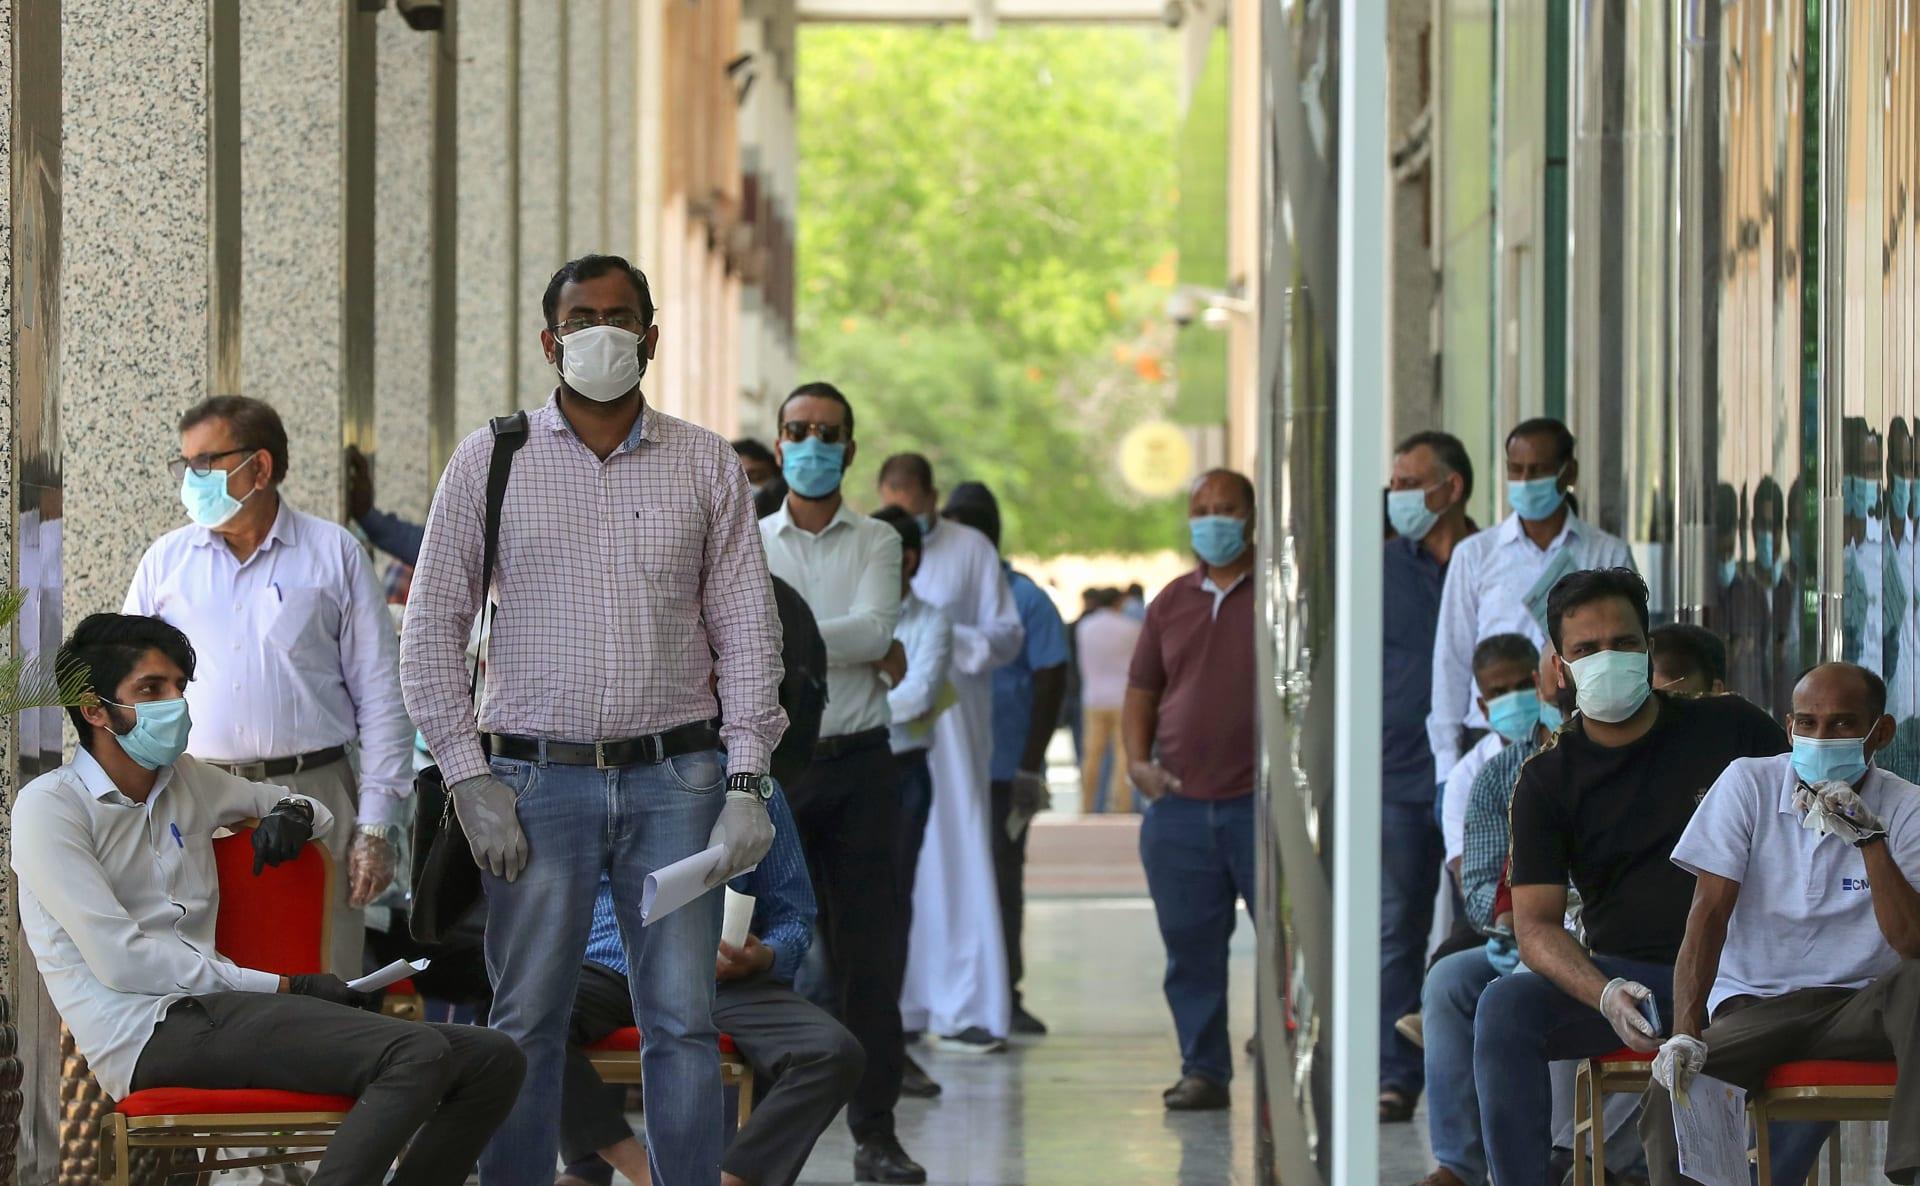 العفو الدولية: ثغرة أمنية في تطبيق حكومي قطري هددت خصوصية أكثر مليون شخص